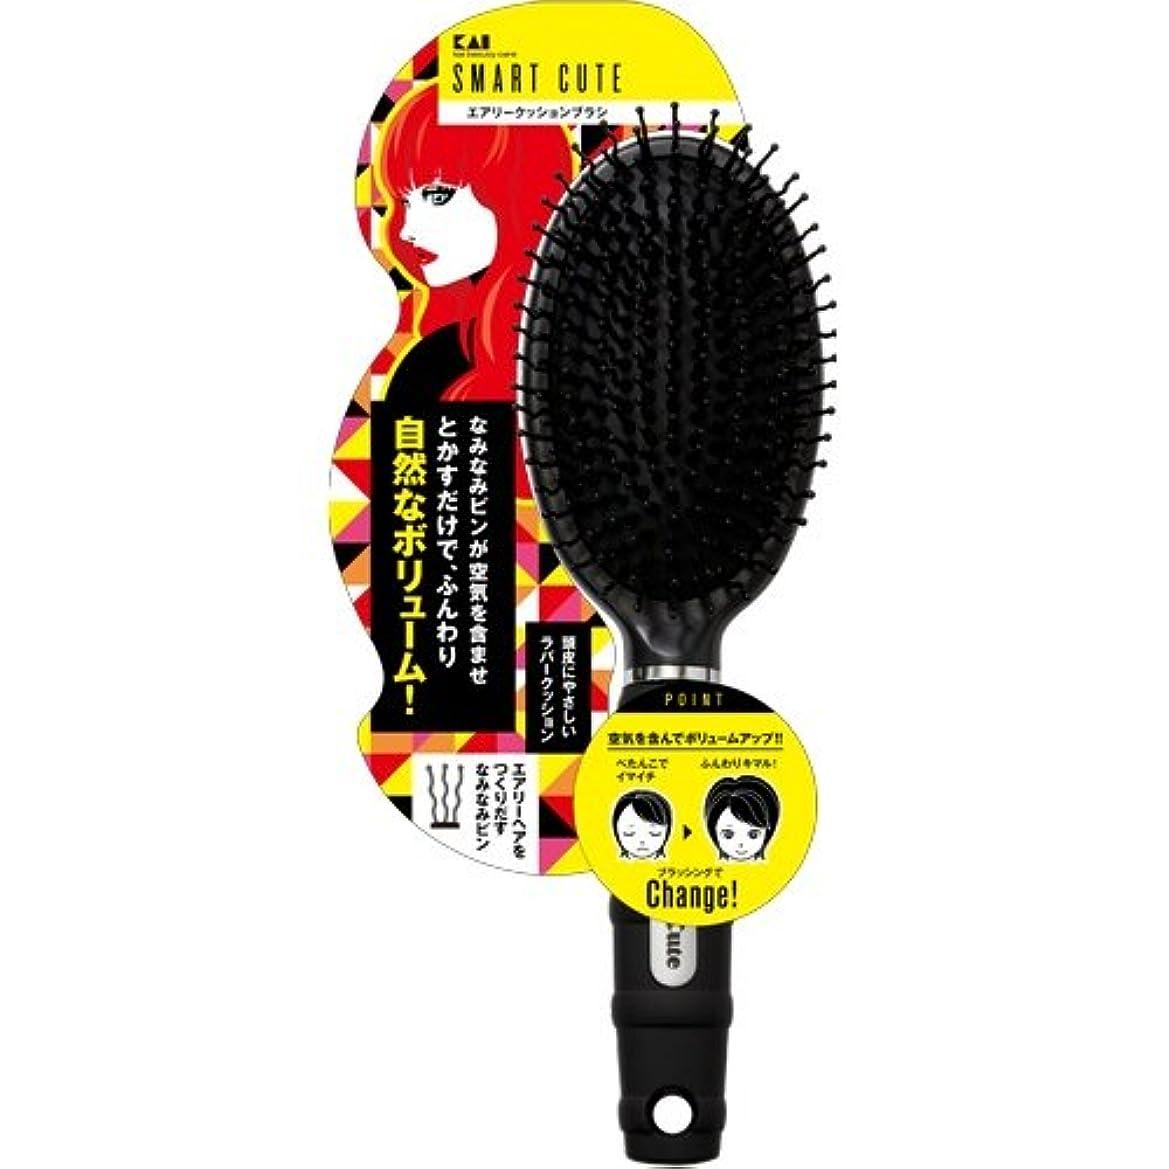 冷凍庫静かな重くするスマートキュート(SmartCute) エアリークッションヘアブラシ HC3327